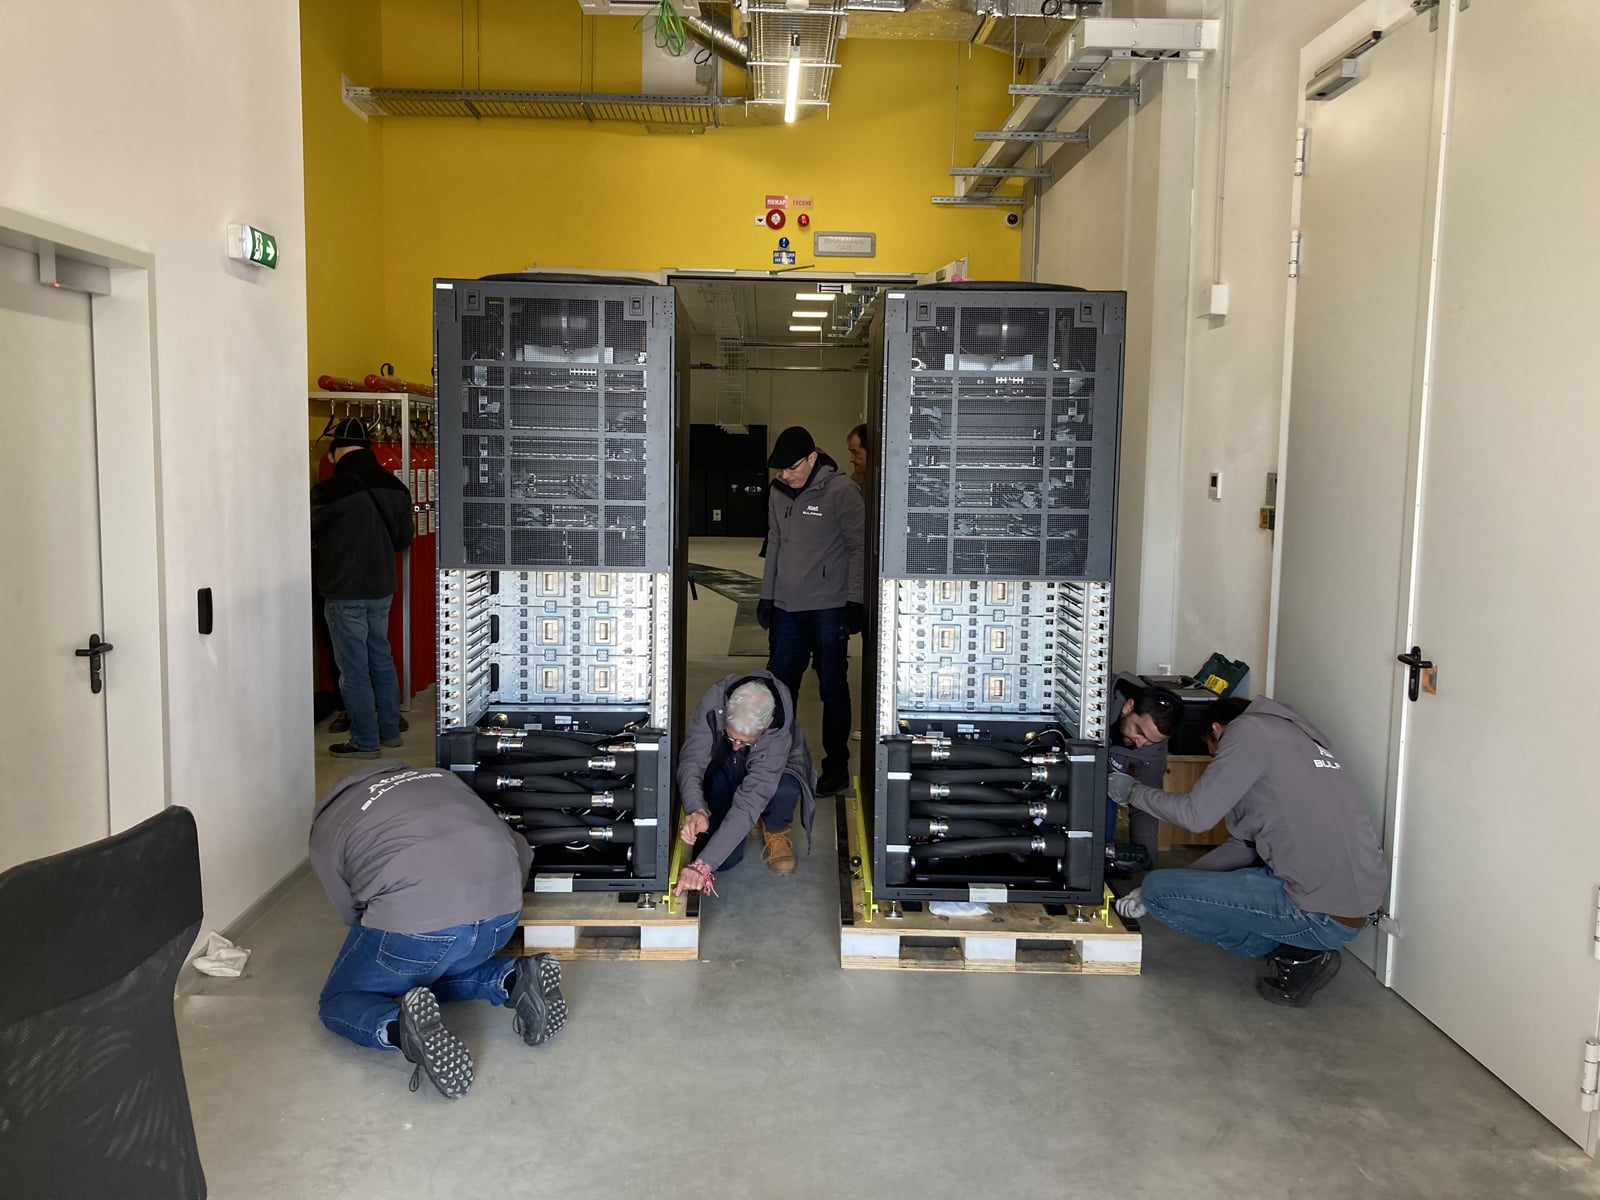 Češi instalovali nejrychlejší superpočítač ve východní Evropě